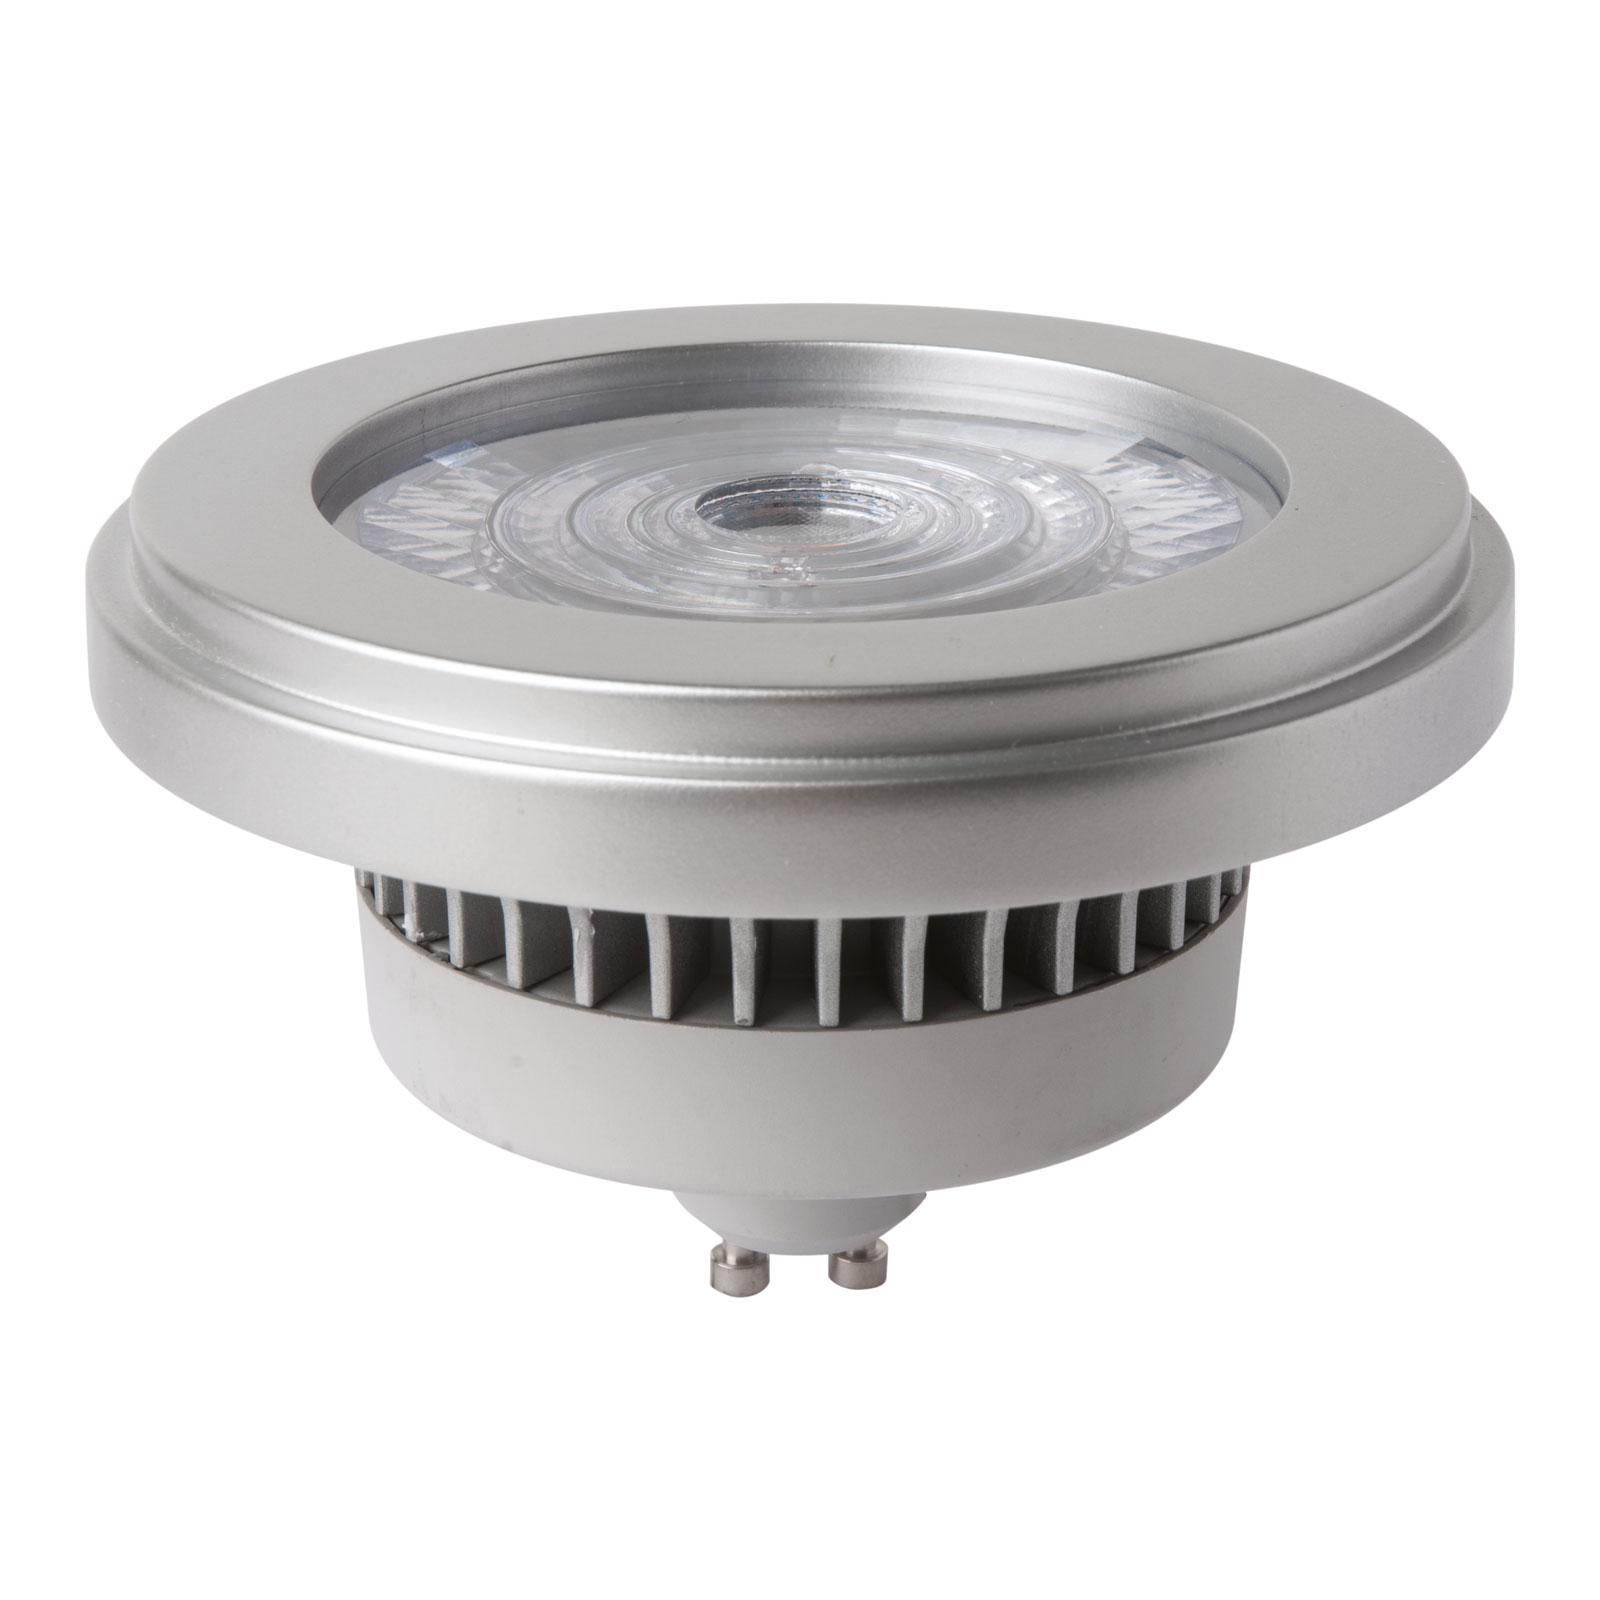 LED-Reflektor GU10 11W Dual Beam universalweiß